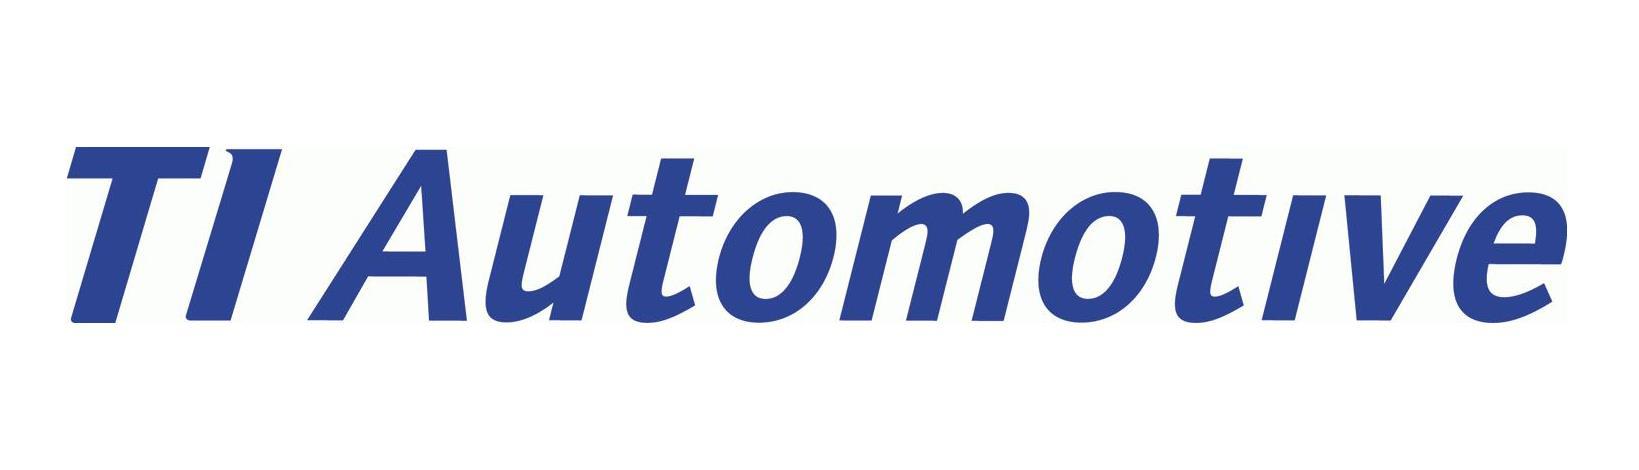 TI Otomotiv San. ve Tic. Ltd. Şti.